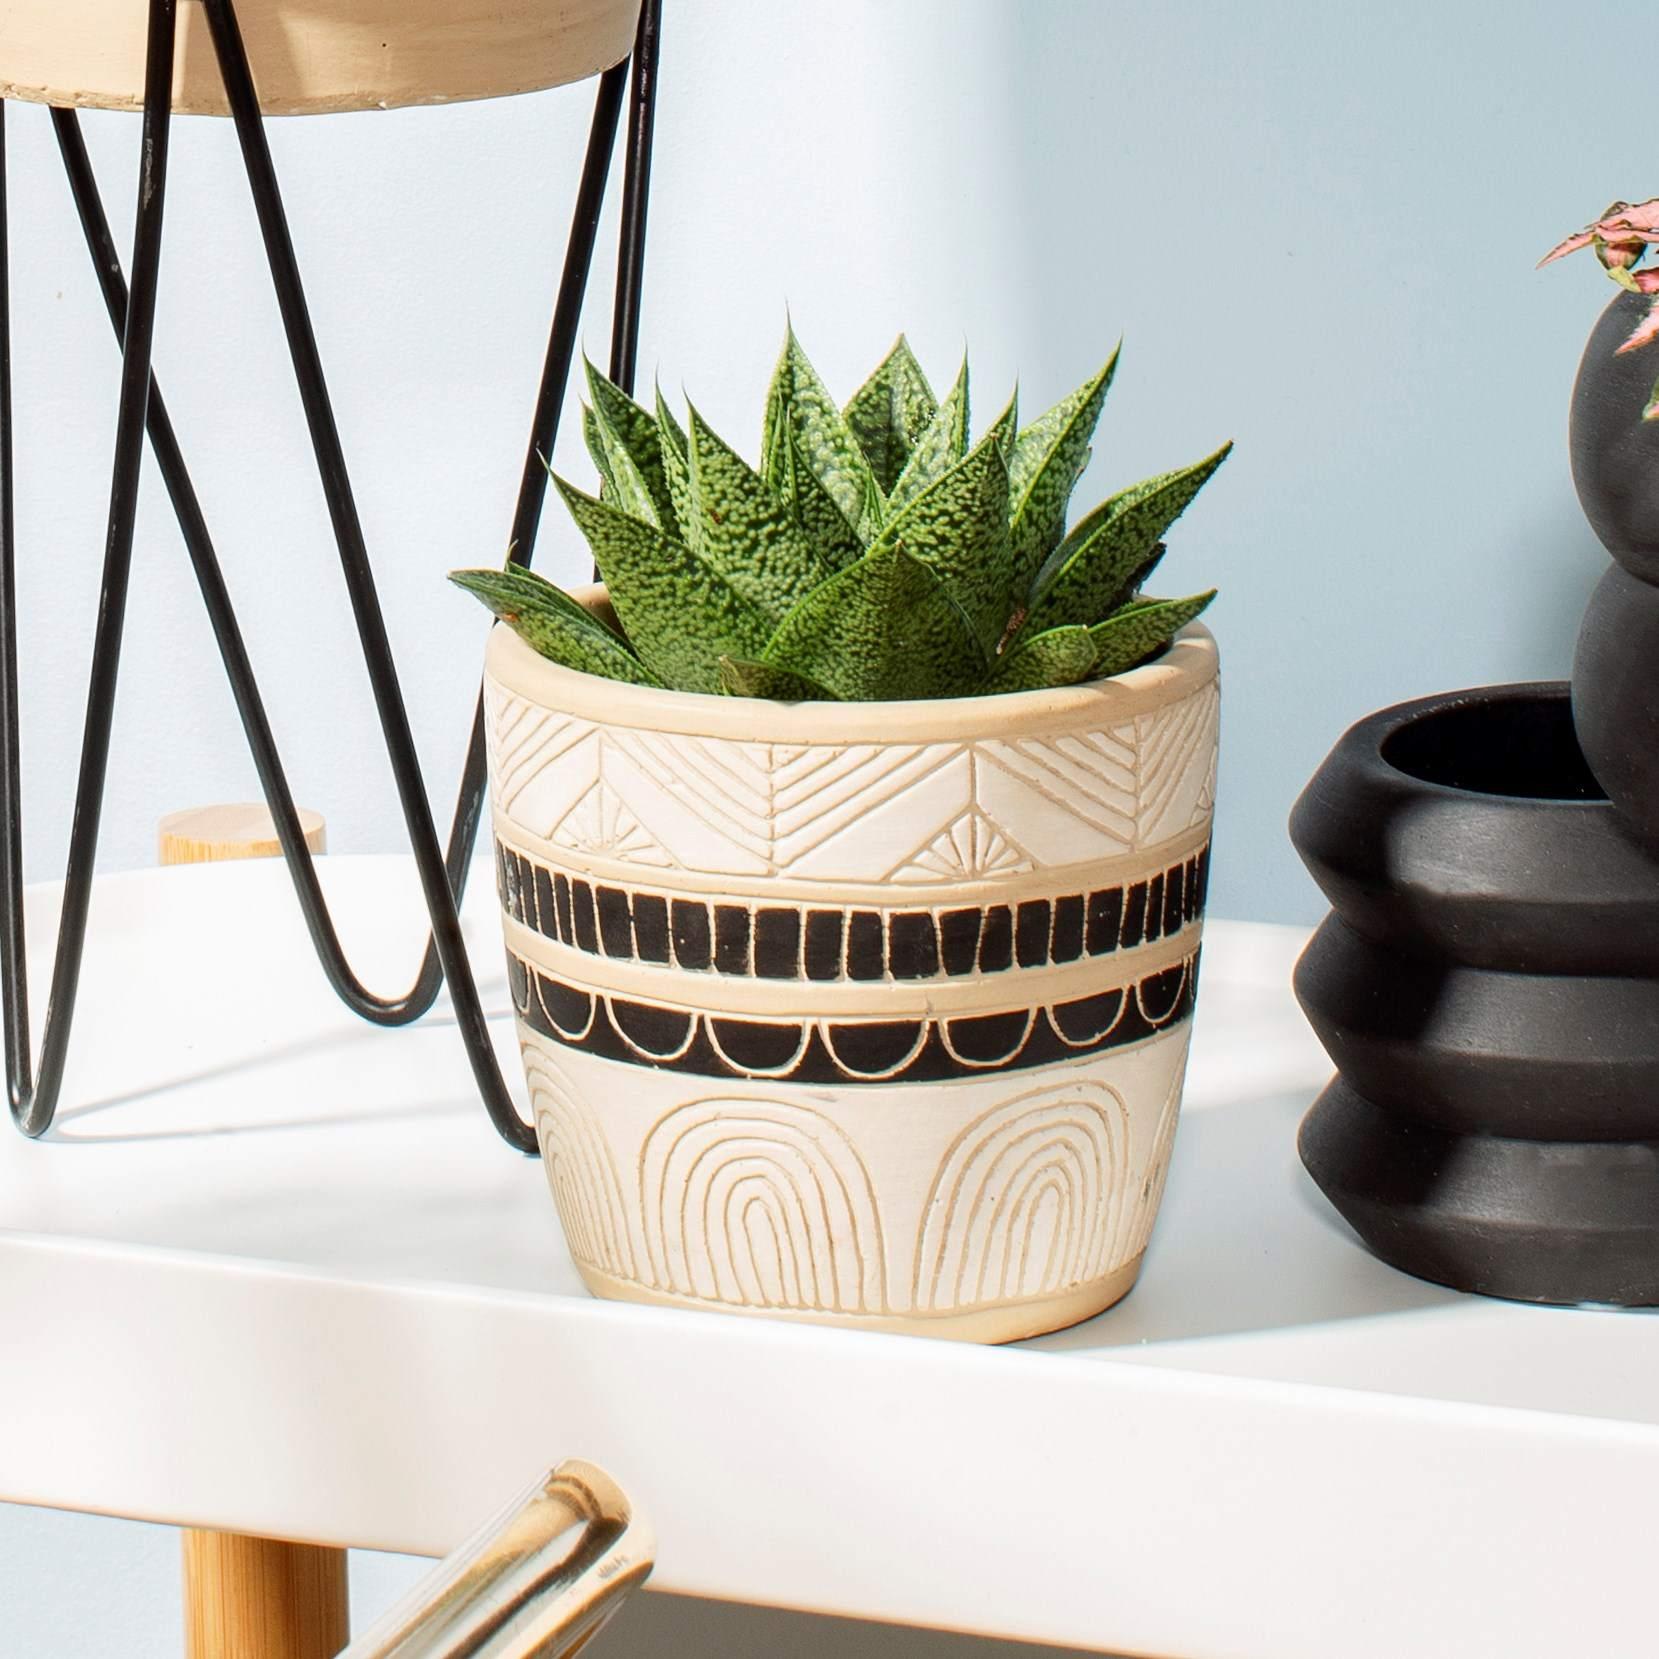 sass & belle Cementový obal na květináč Black & White Sgraffito, béžová barva, černá barva, beton